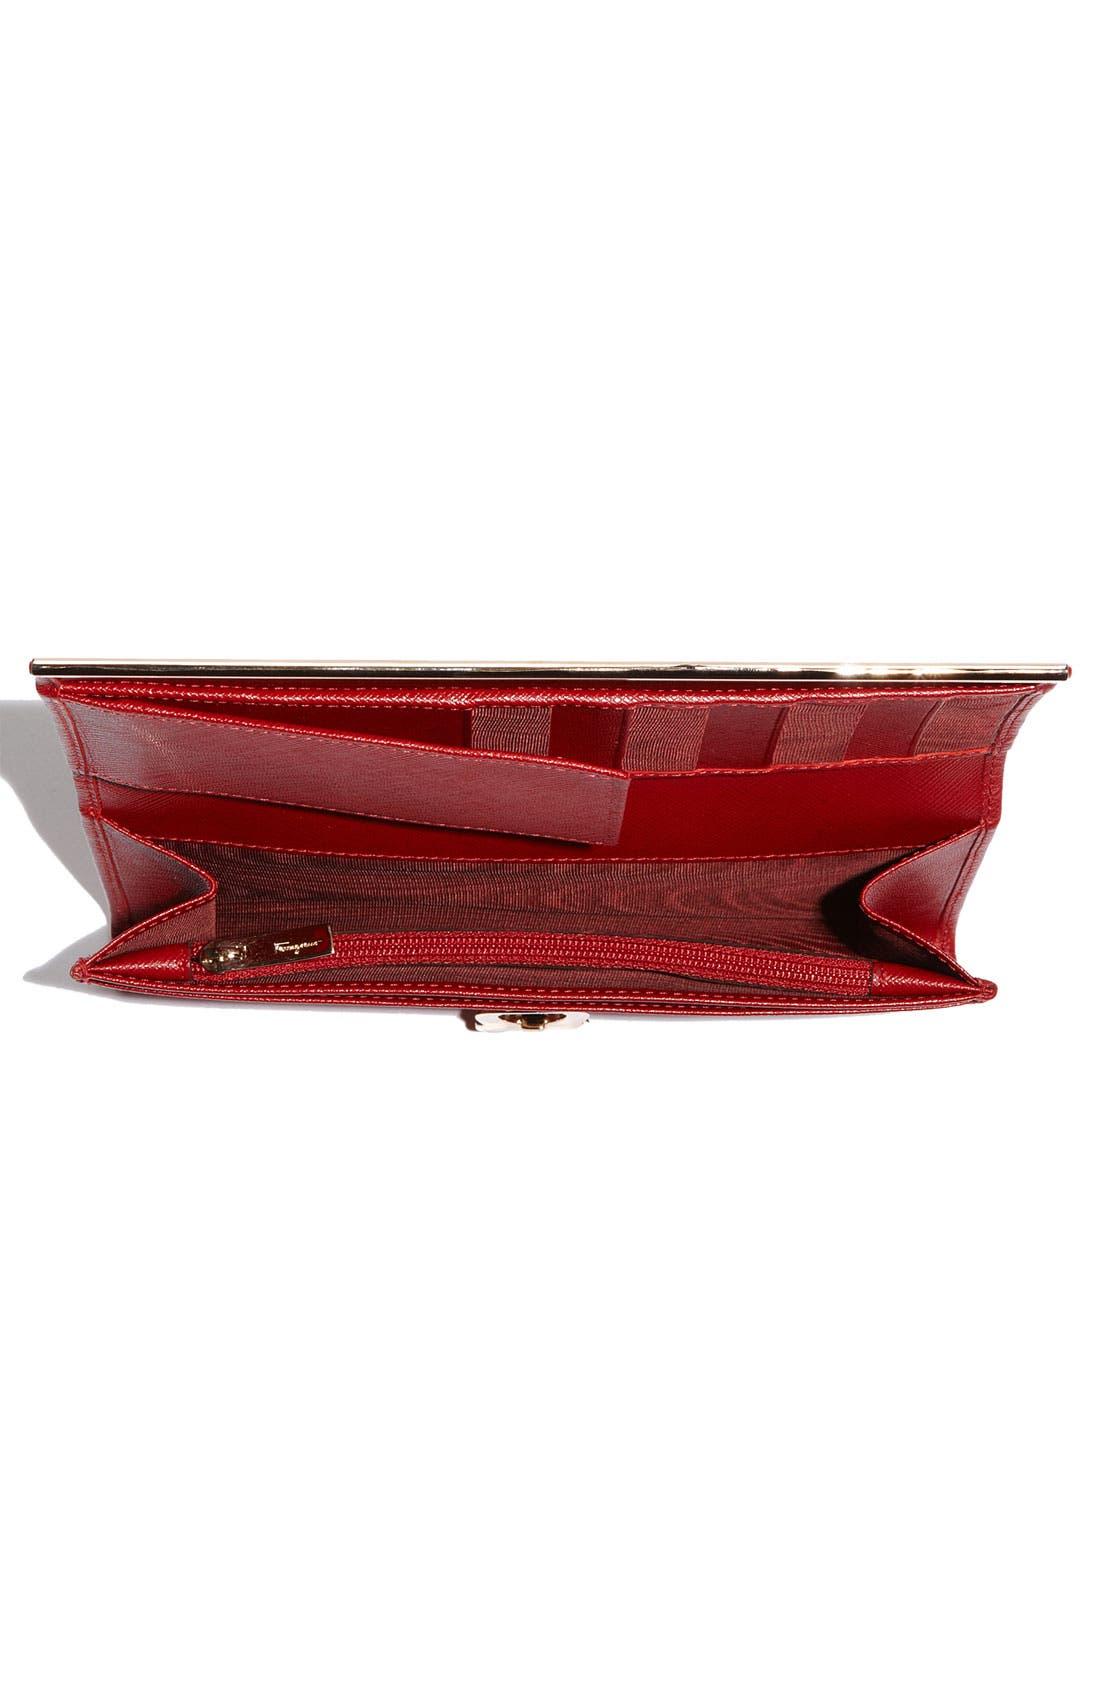 Alternate Image 3  - Salvatore Ferragamo 'Gancini Icona' Saffiano Leather Wallet